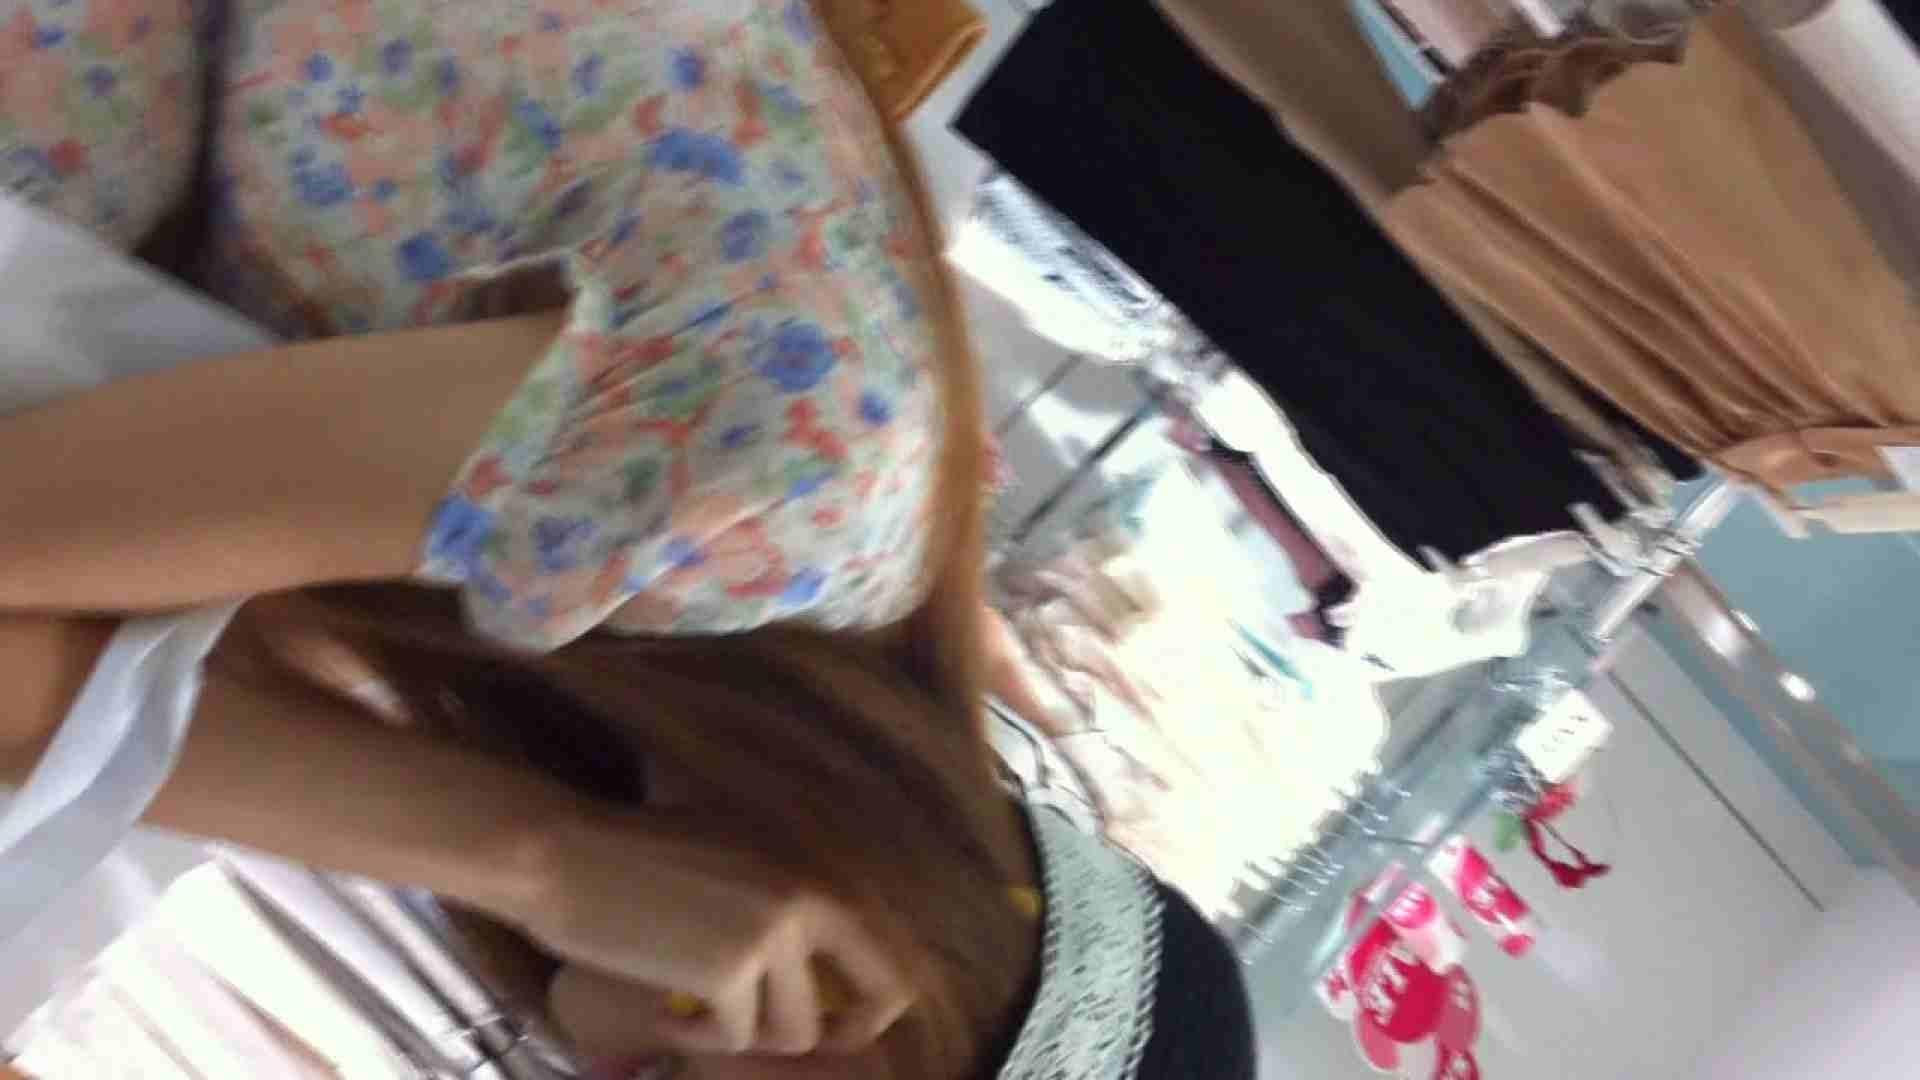 フルHD ショップ店員千人斬り! 大画面ノーカット完全版 vol.39 ギャルのエロ動画 オマンコ無修正動画無料 102PIX 102